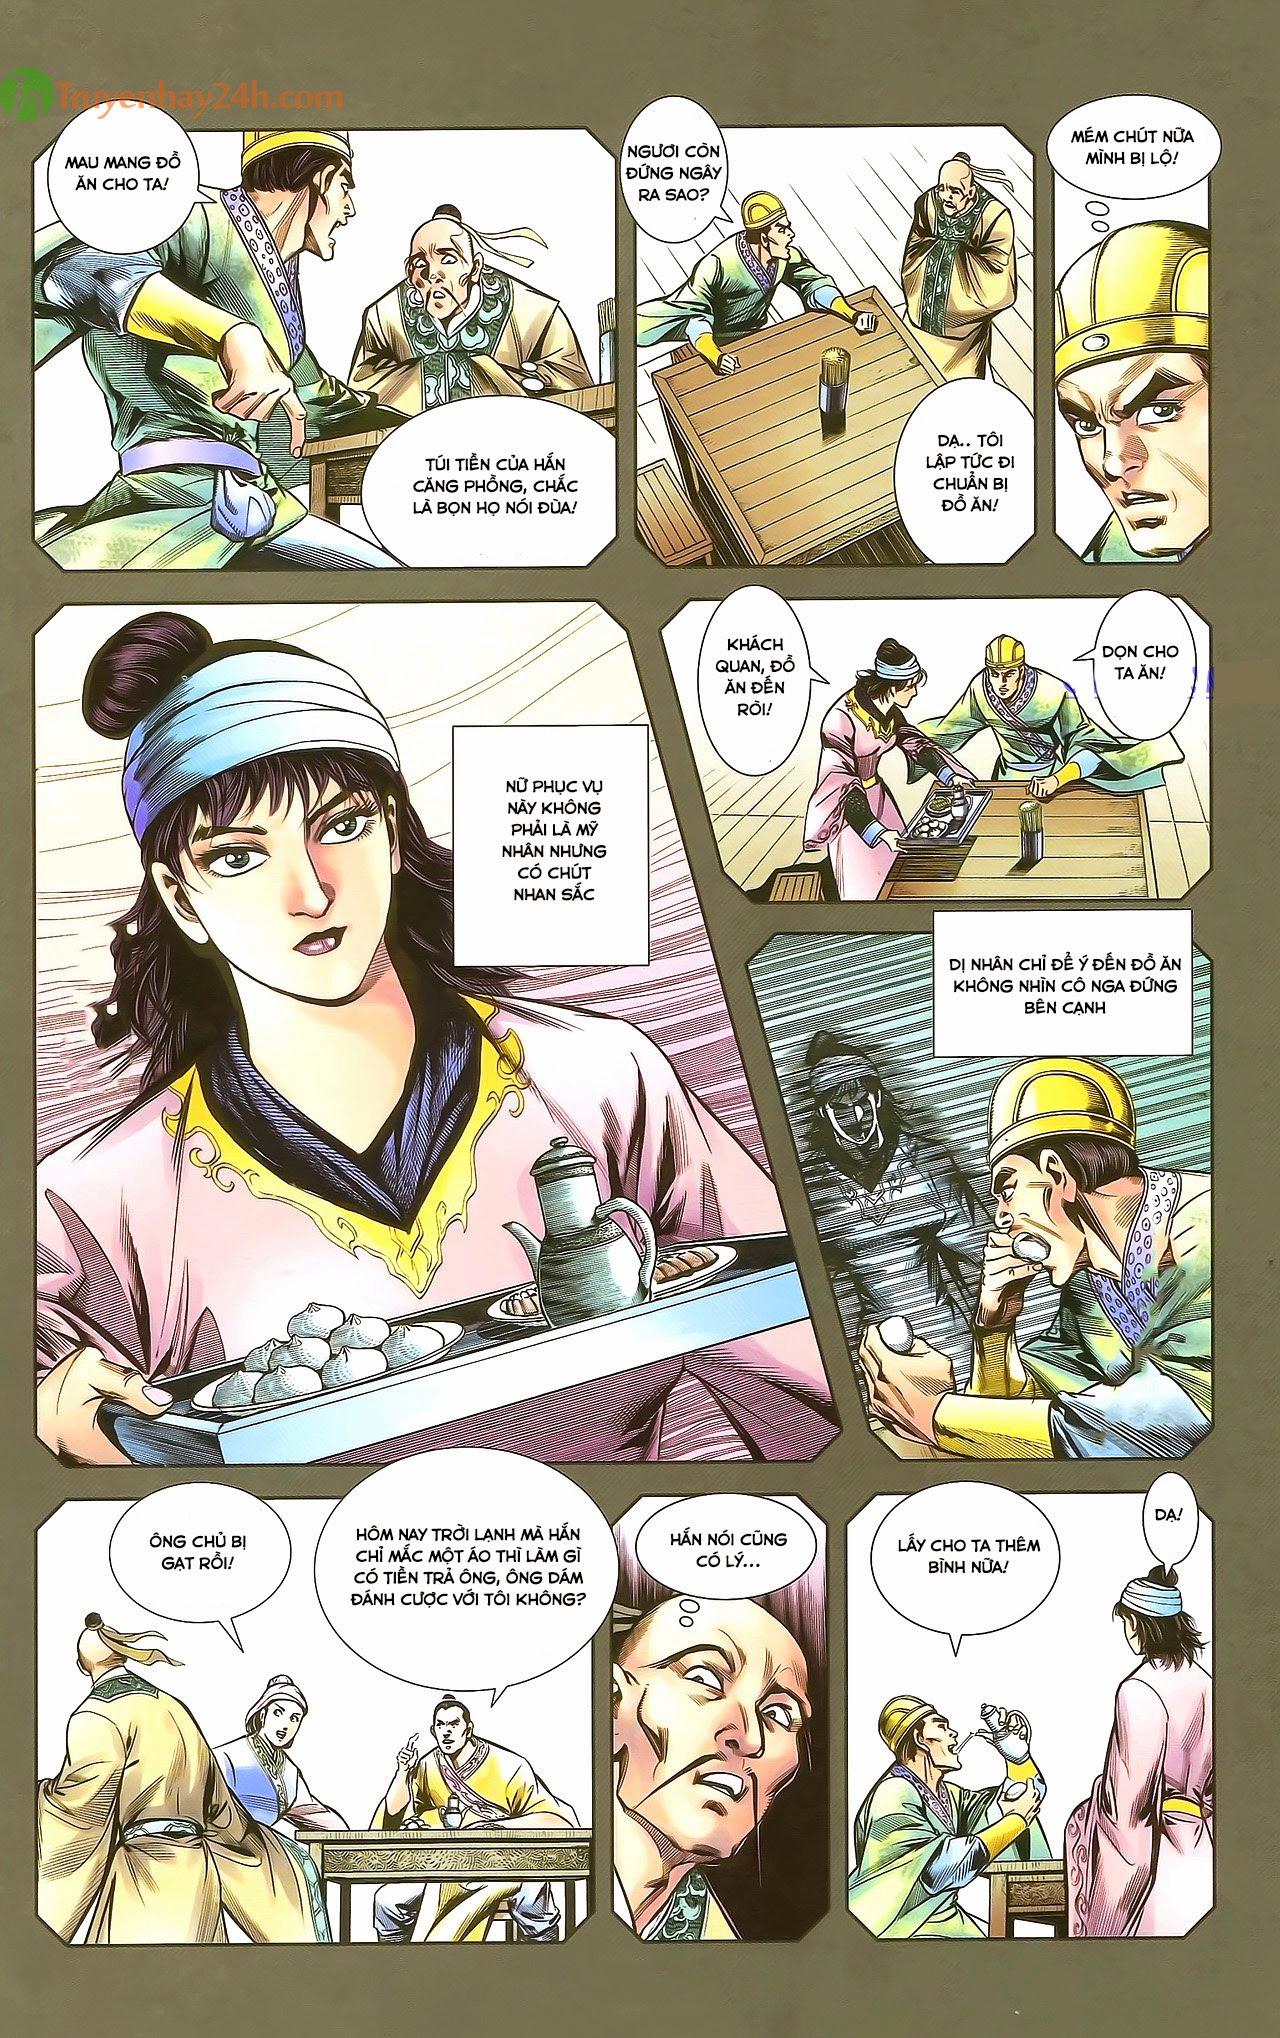 Tần Vương Doanh Chính chapter 29.1 trang 10